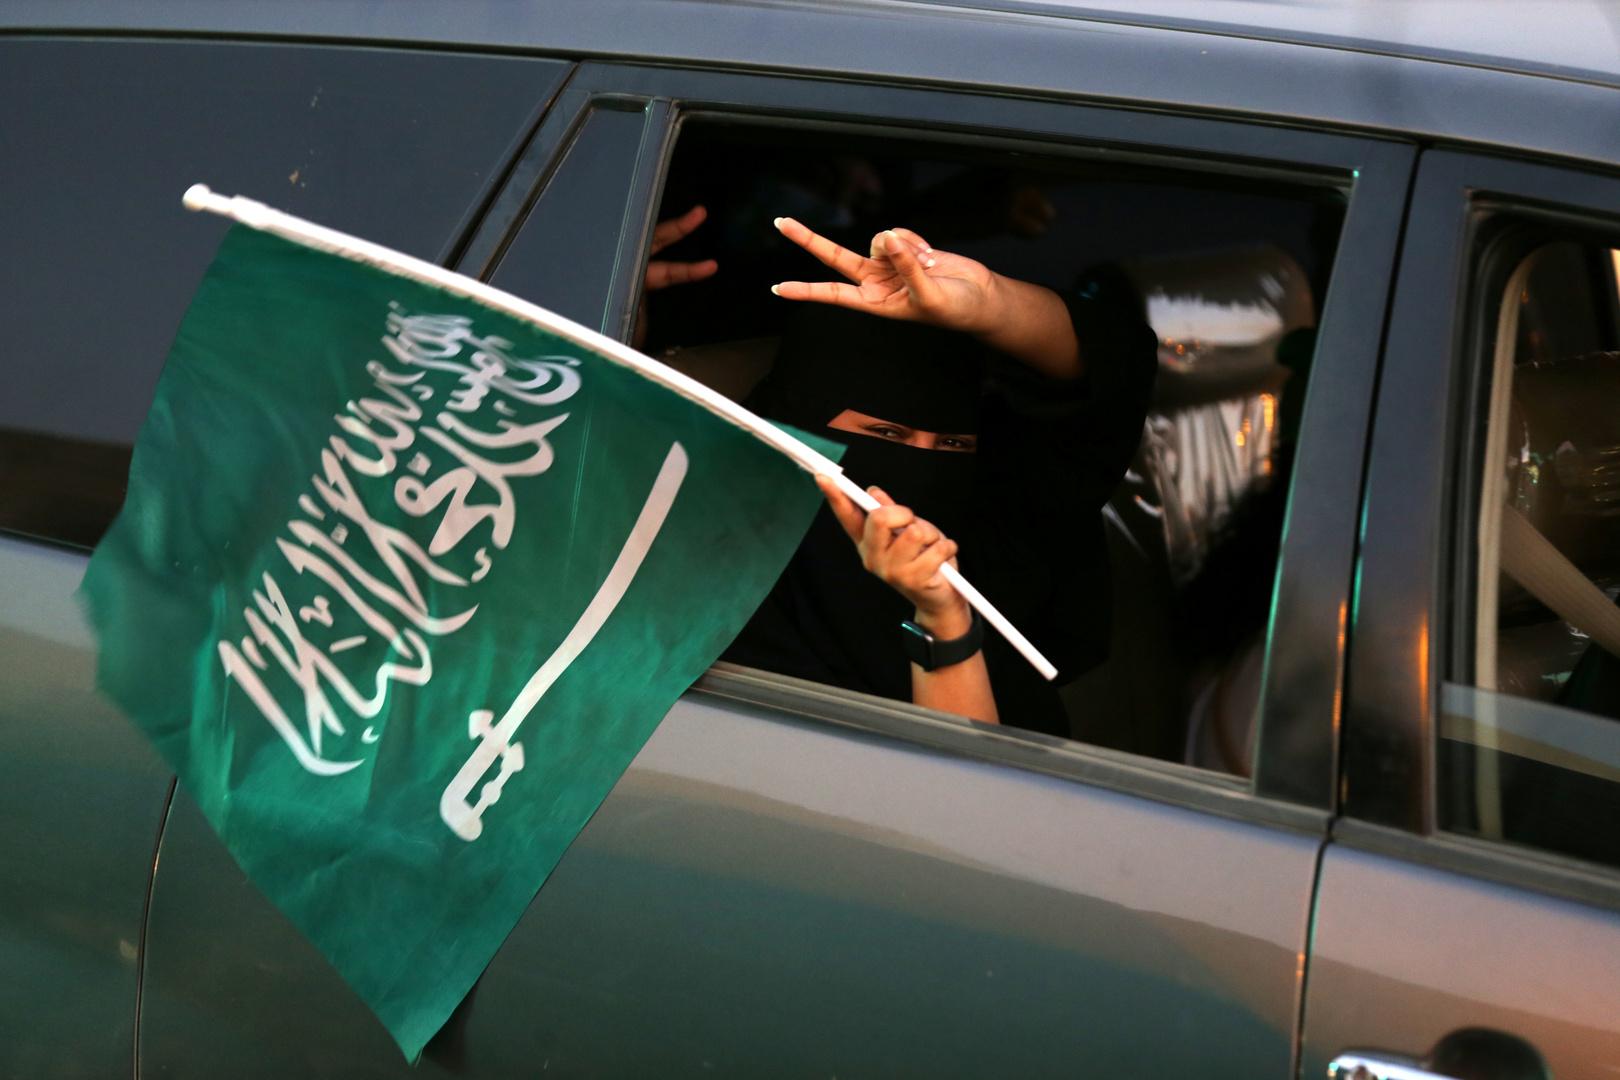 بالفيديو.. مجندات سعوديات يشاركن في العرض العسكري بمناسبة اليوم الوطني